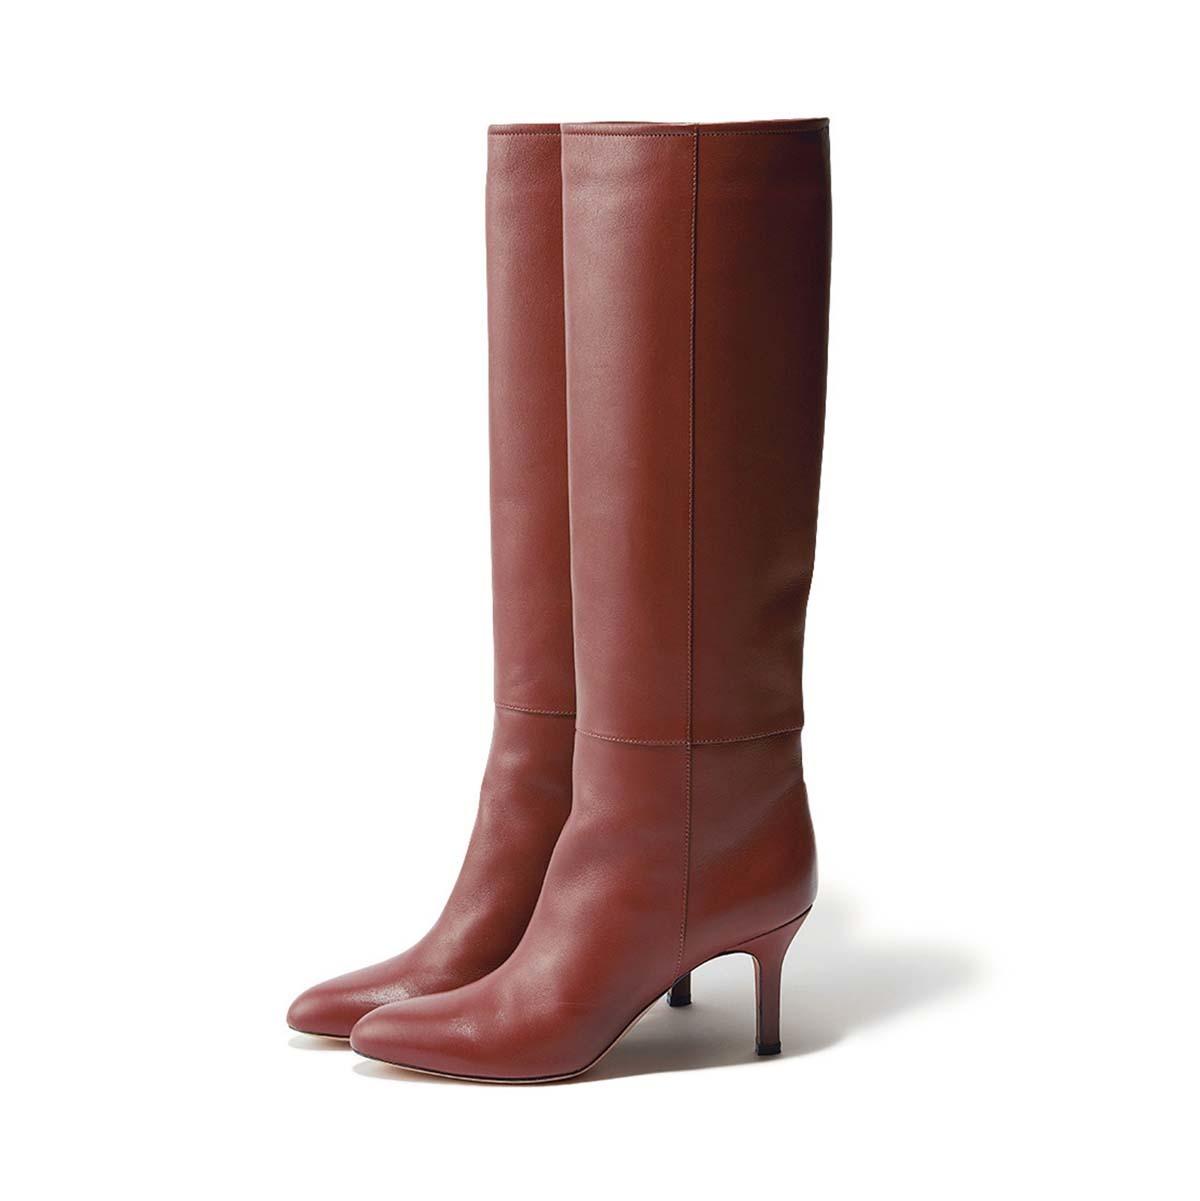 赤みブラウンのヒールロングブーツ